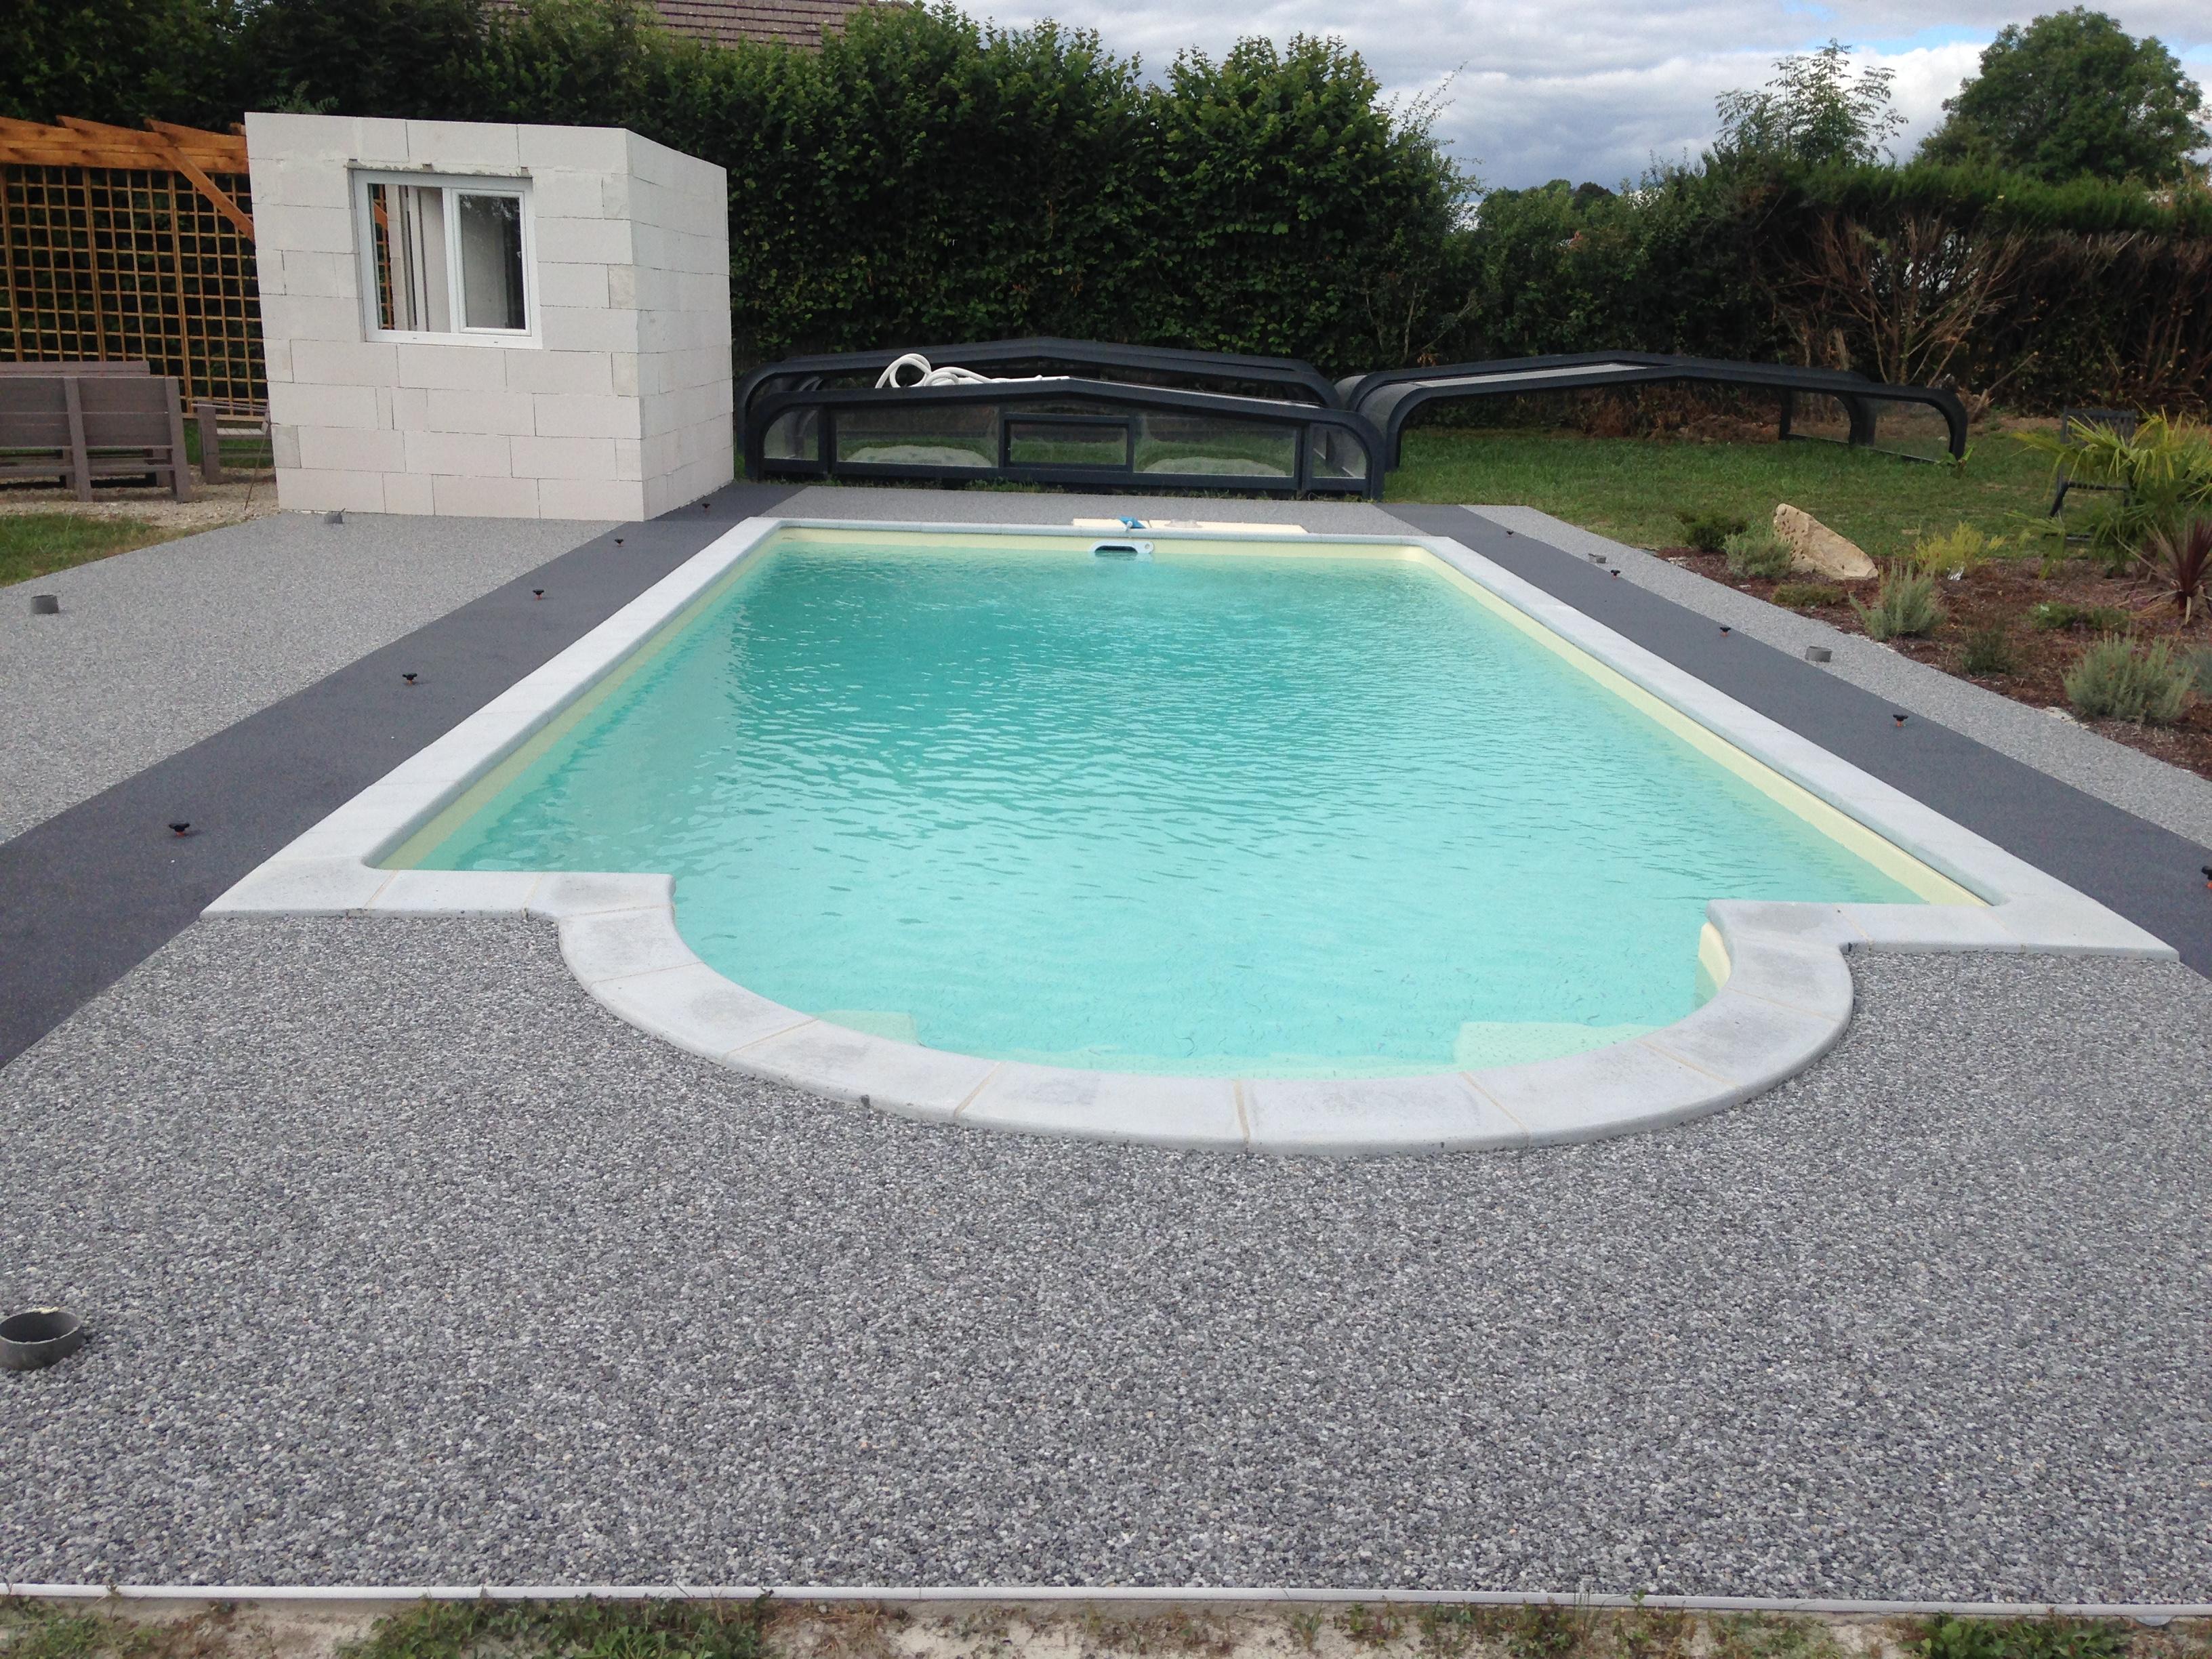 terrasse piscine resine. Black Bedroom Furniture Sets. Home Design Ideas